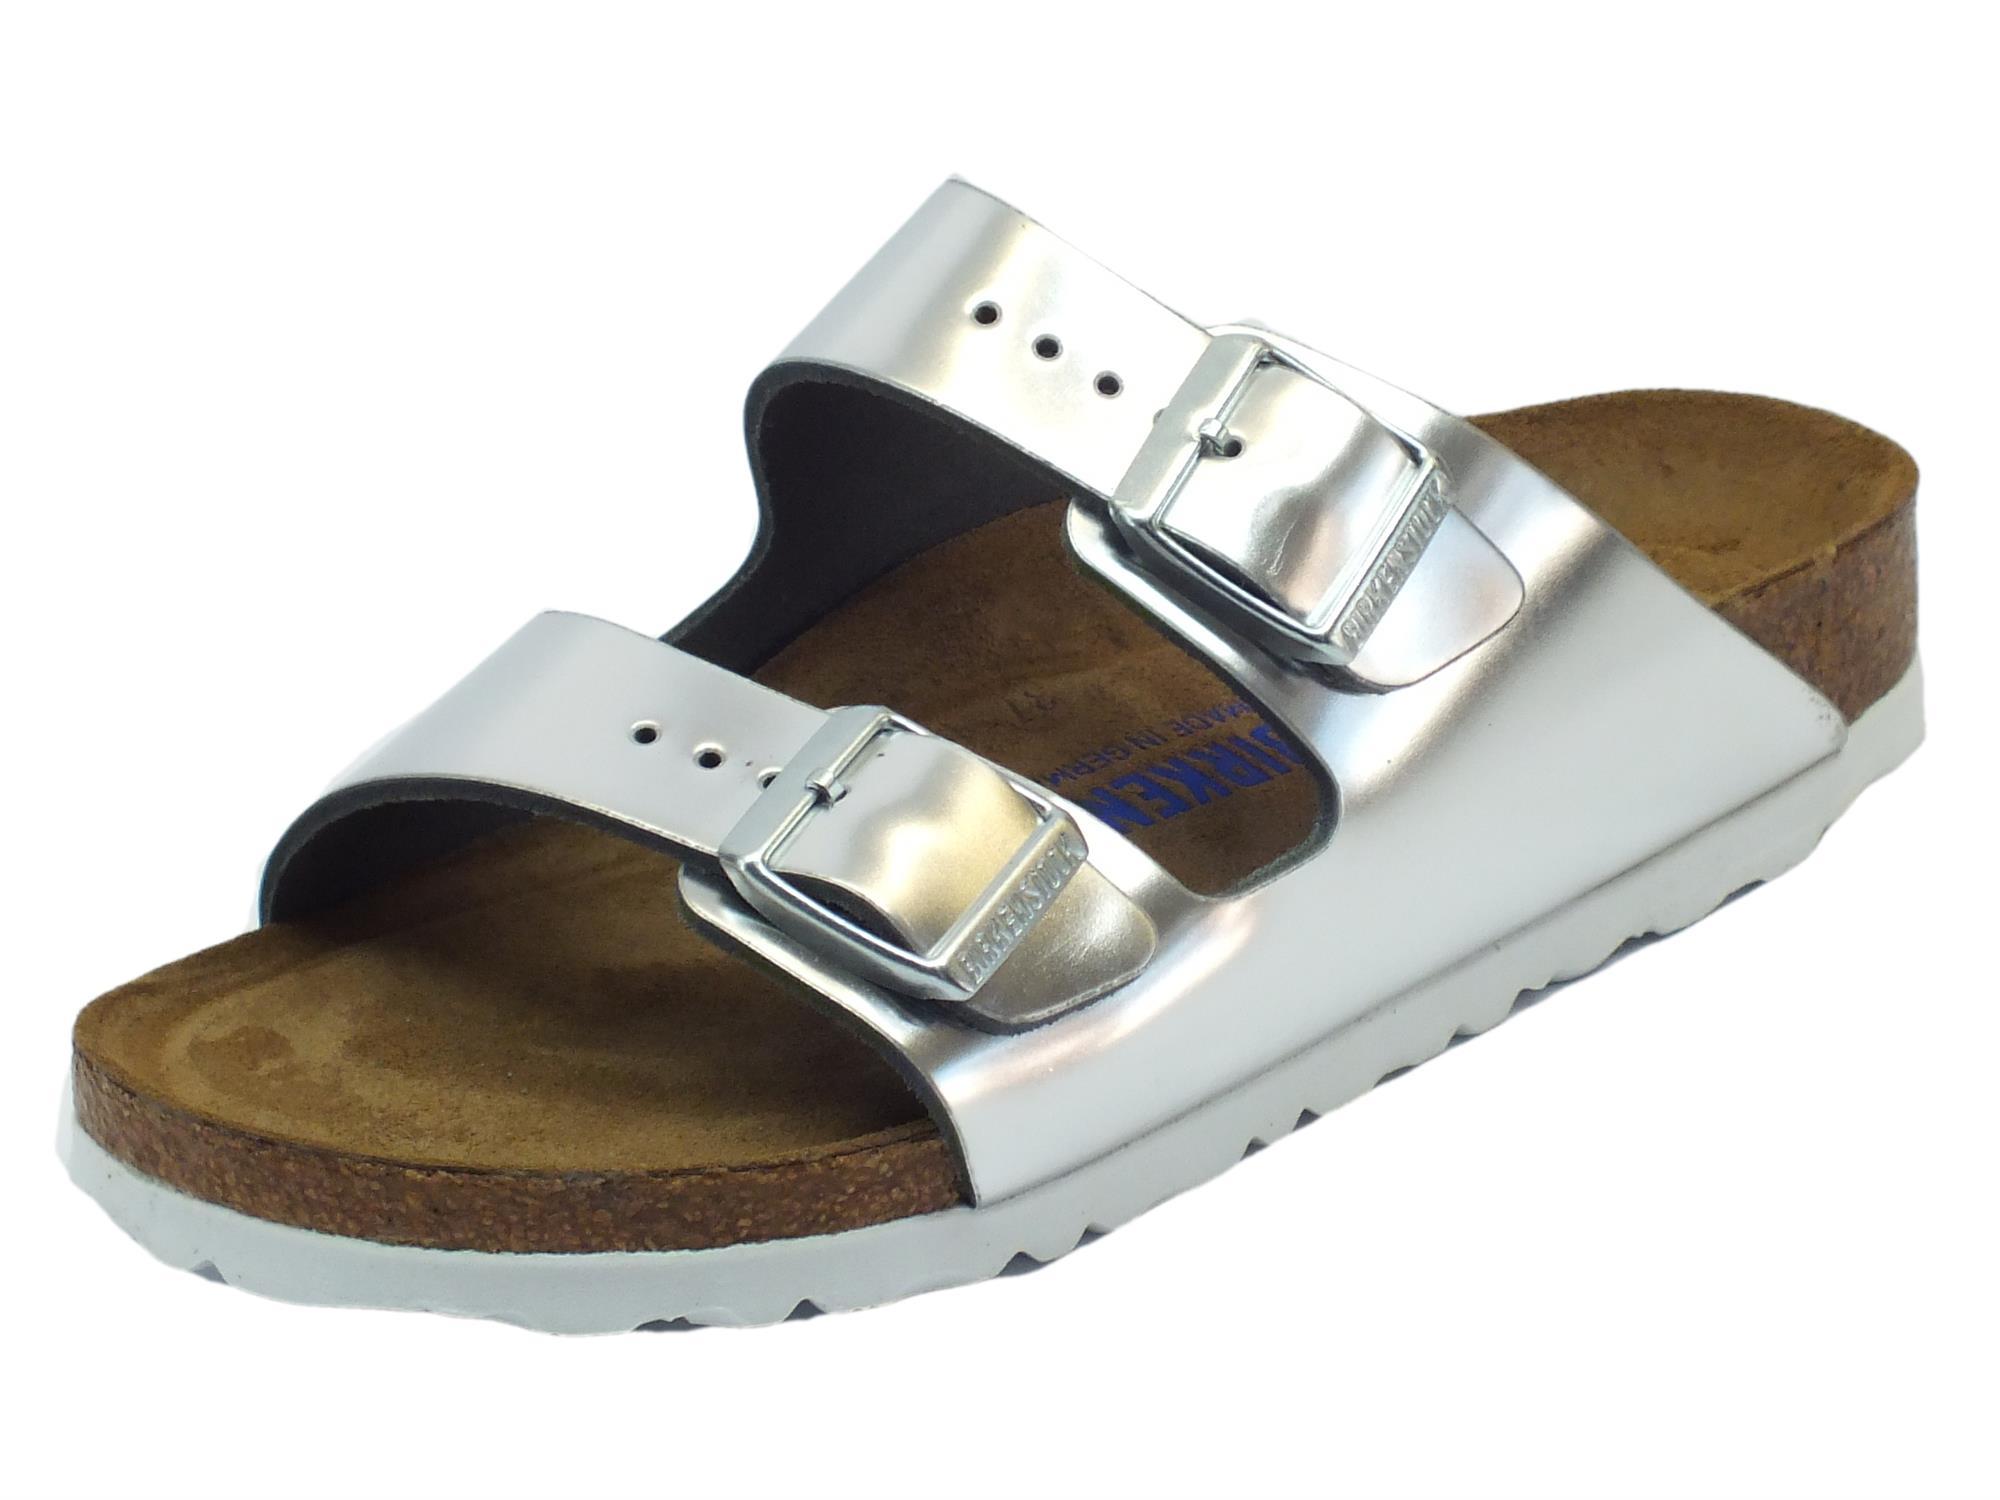 Sandali Birkenstock donna Arizona BS colore argento - Vitiello Calzature f949f722247